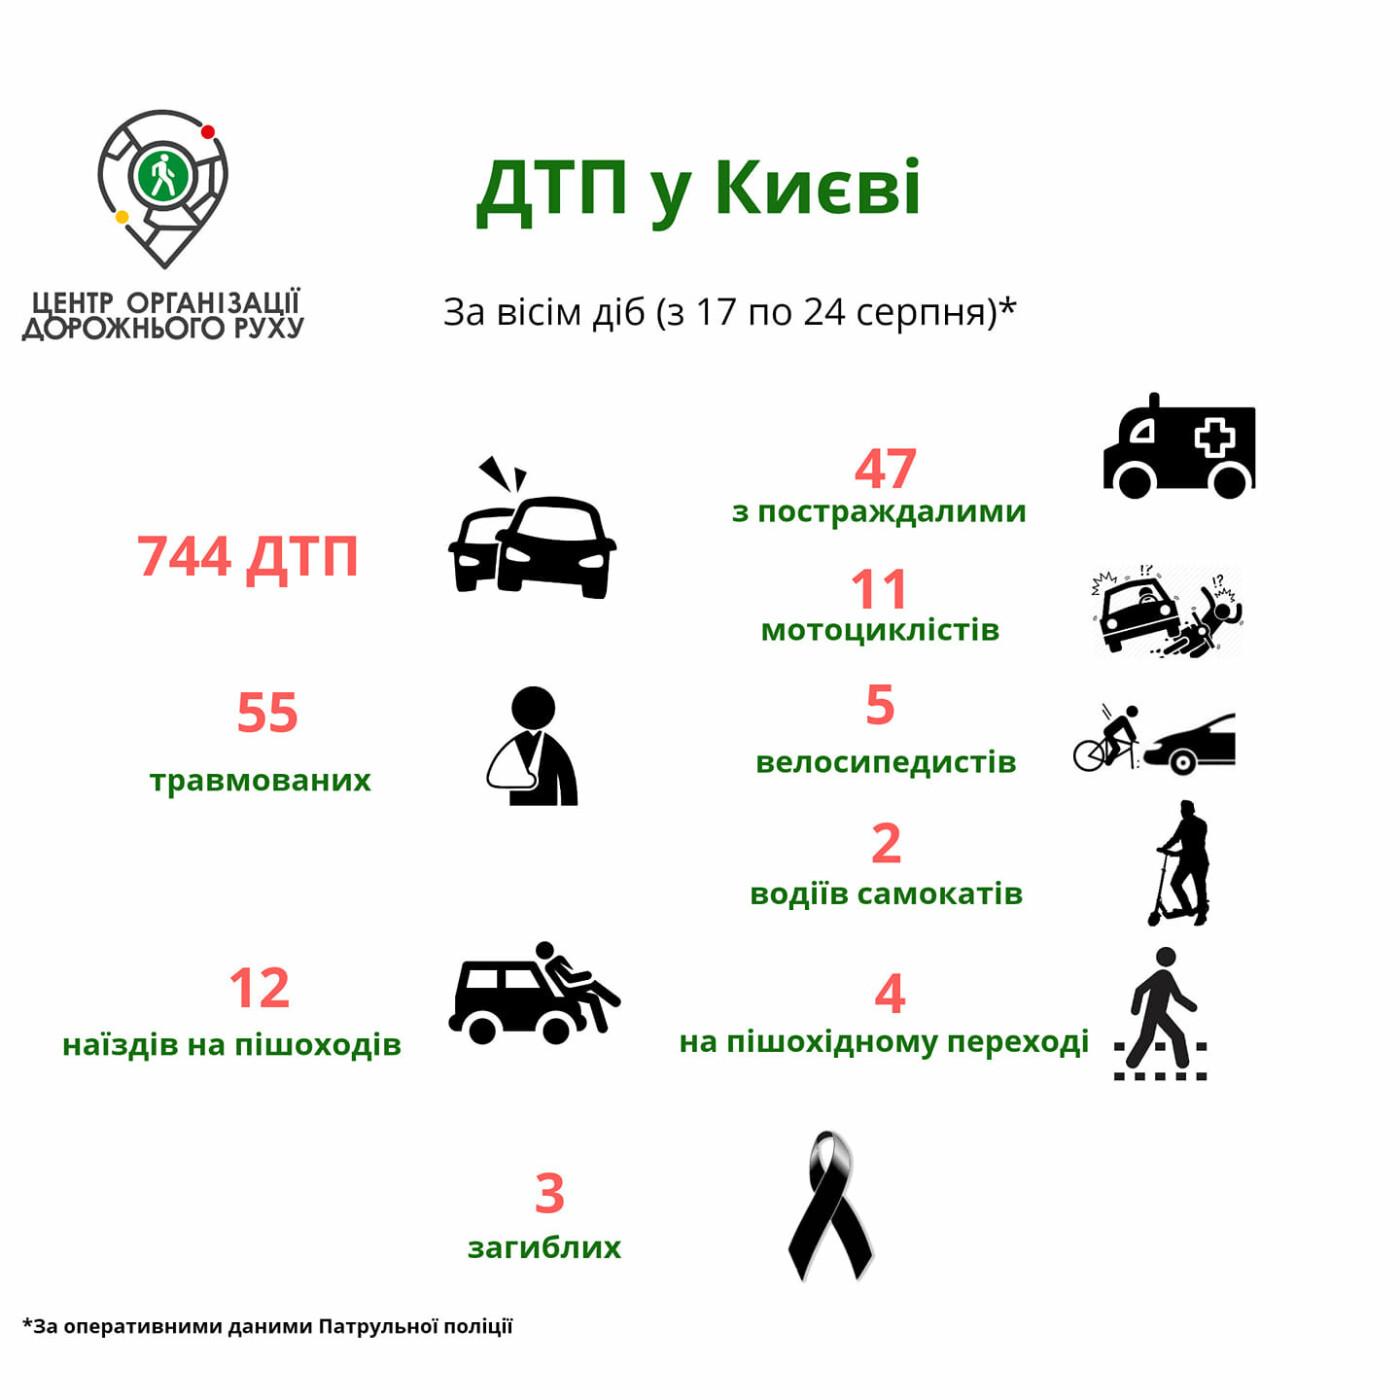 В Киеве количество ДТП с пострадавшими выросло на 56%, фото-1